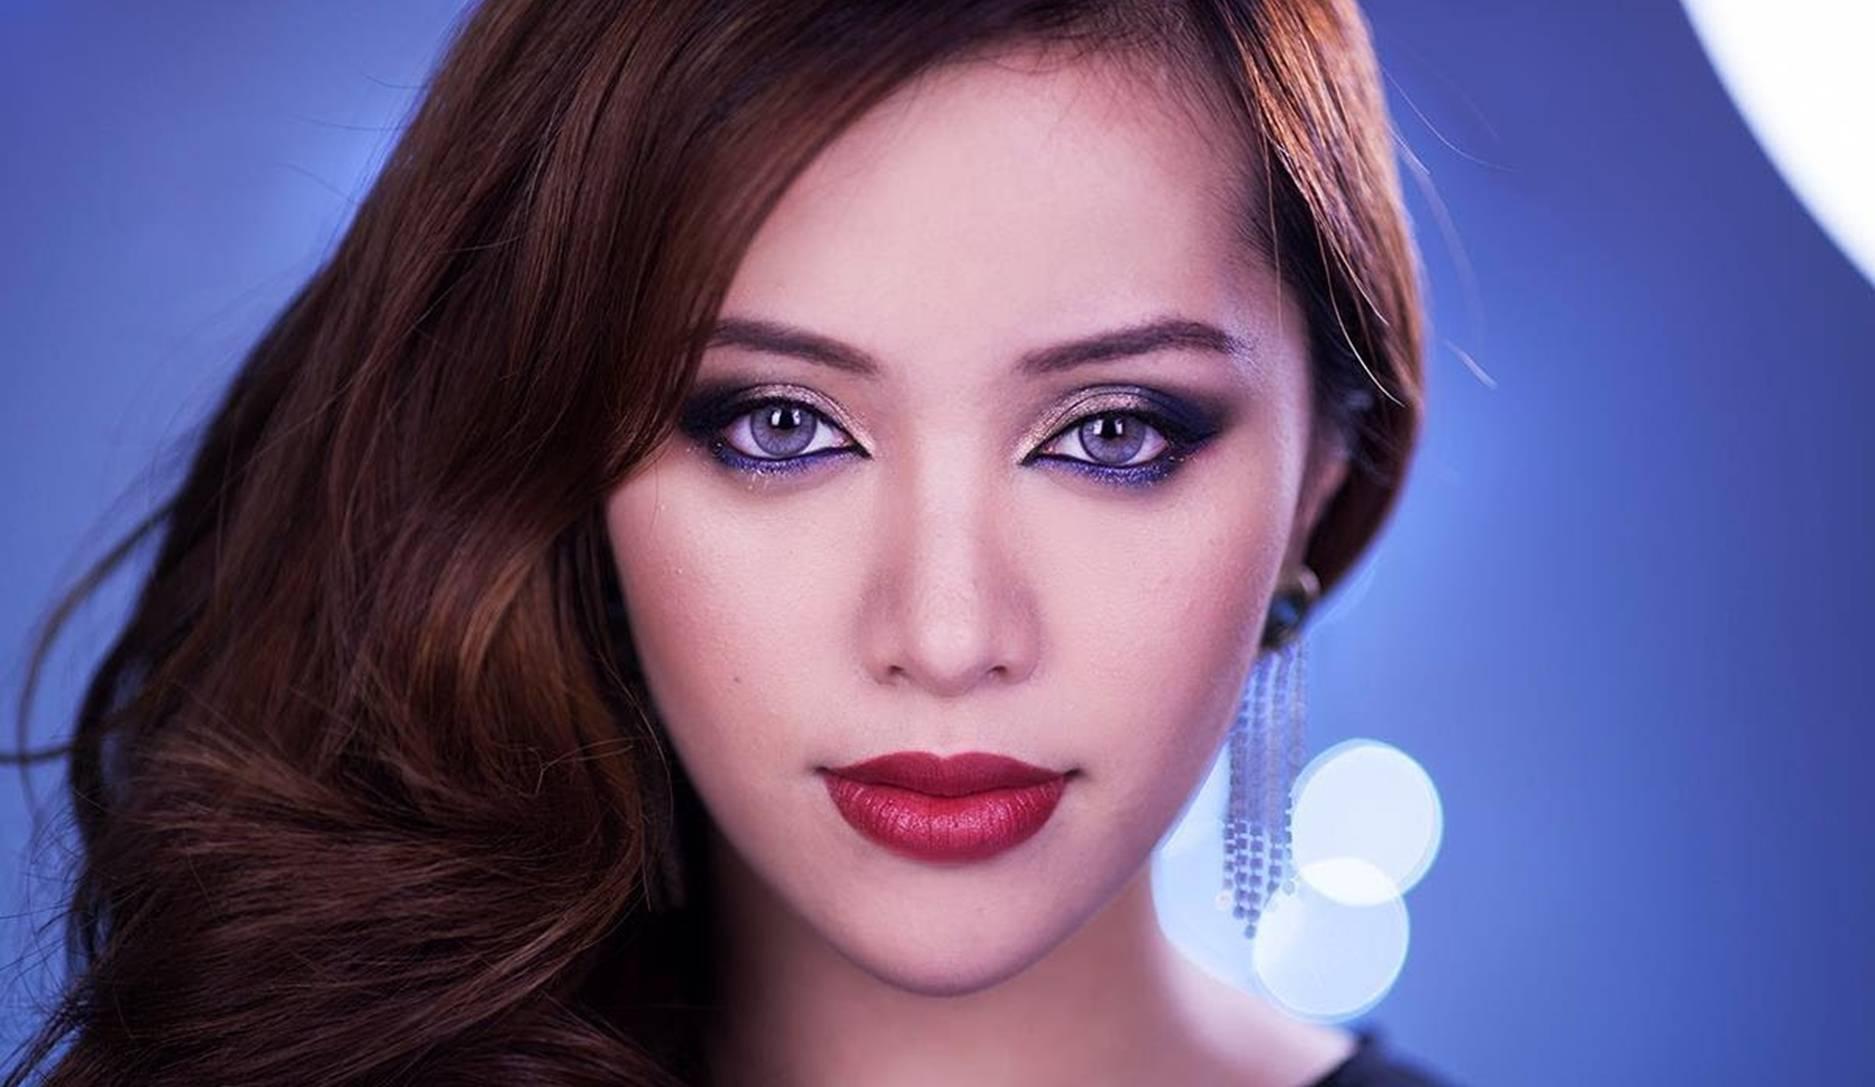 Michelle Phan Widescreen